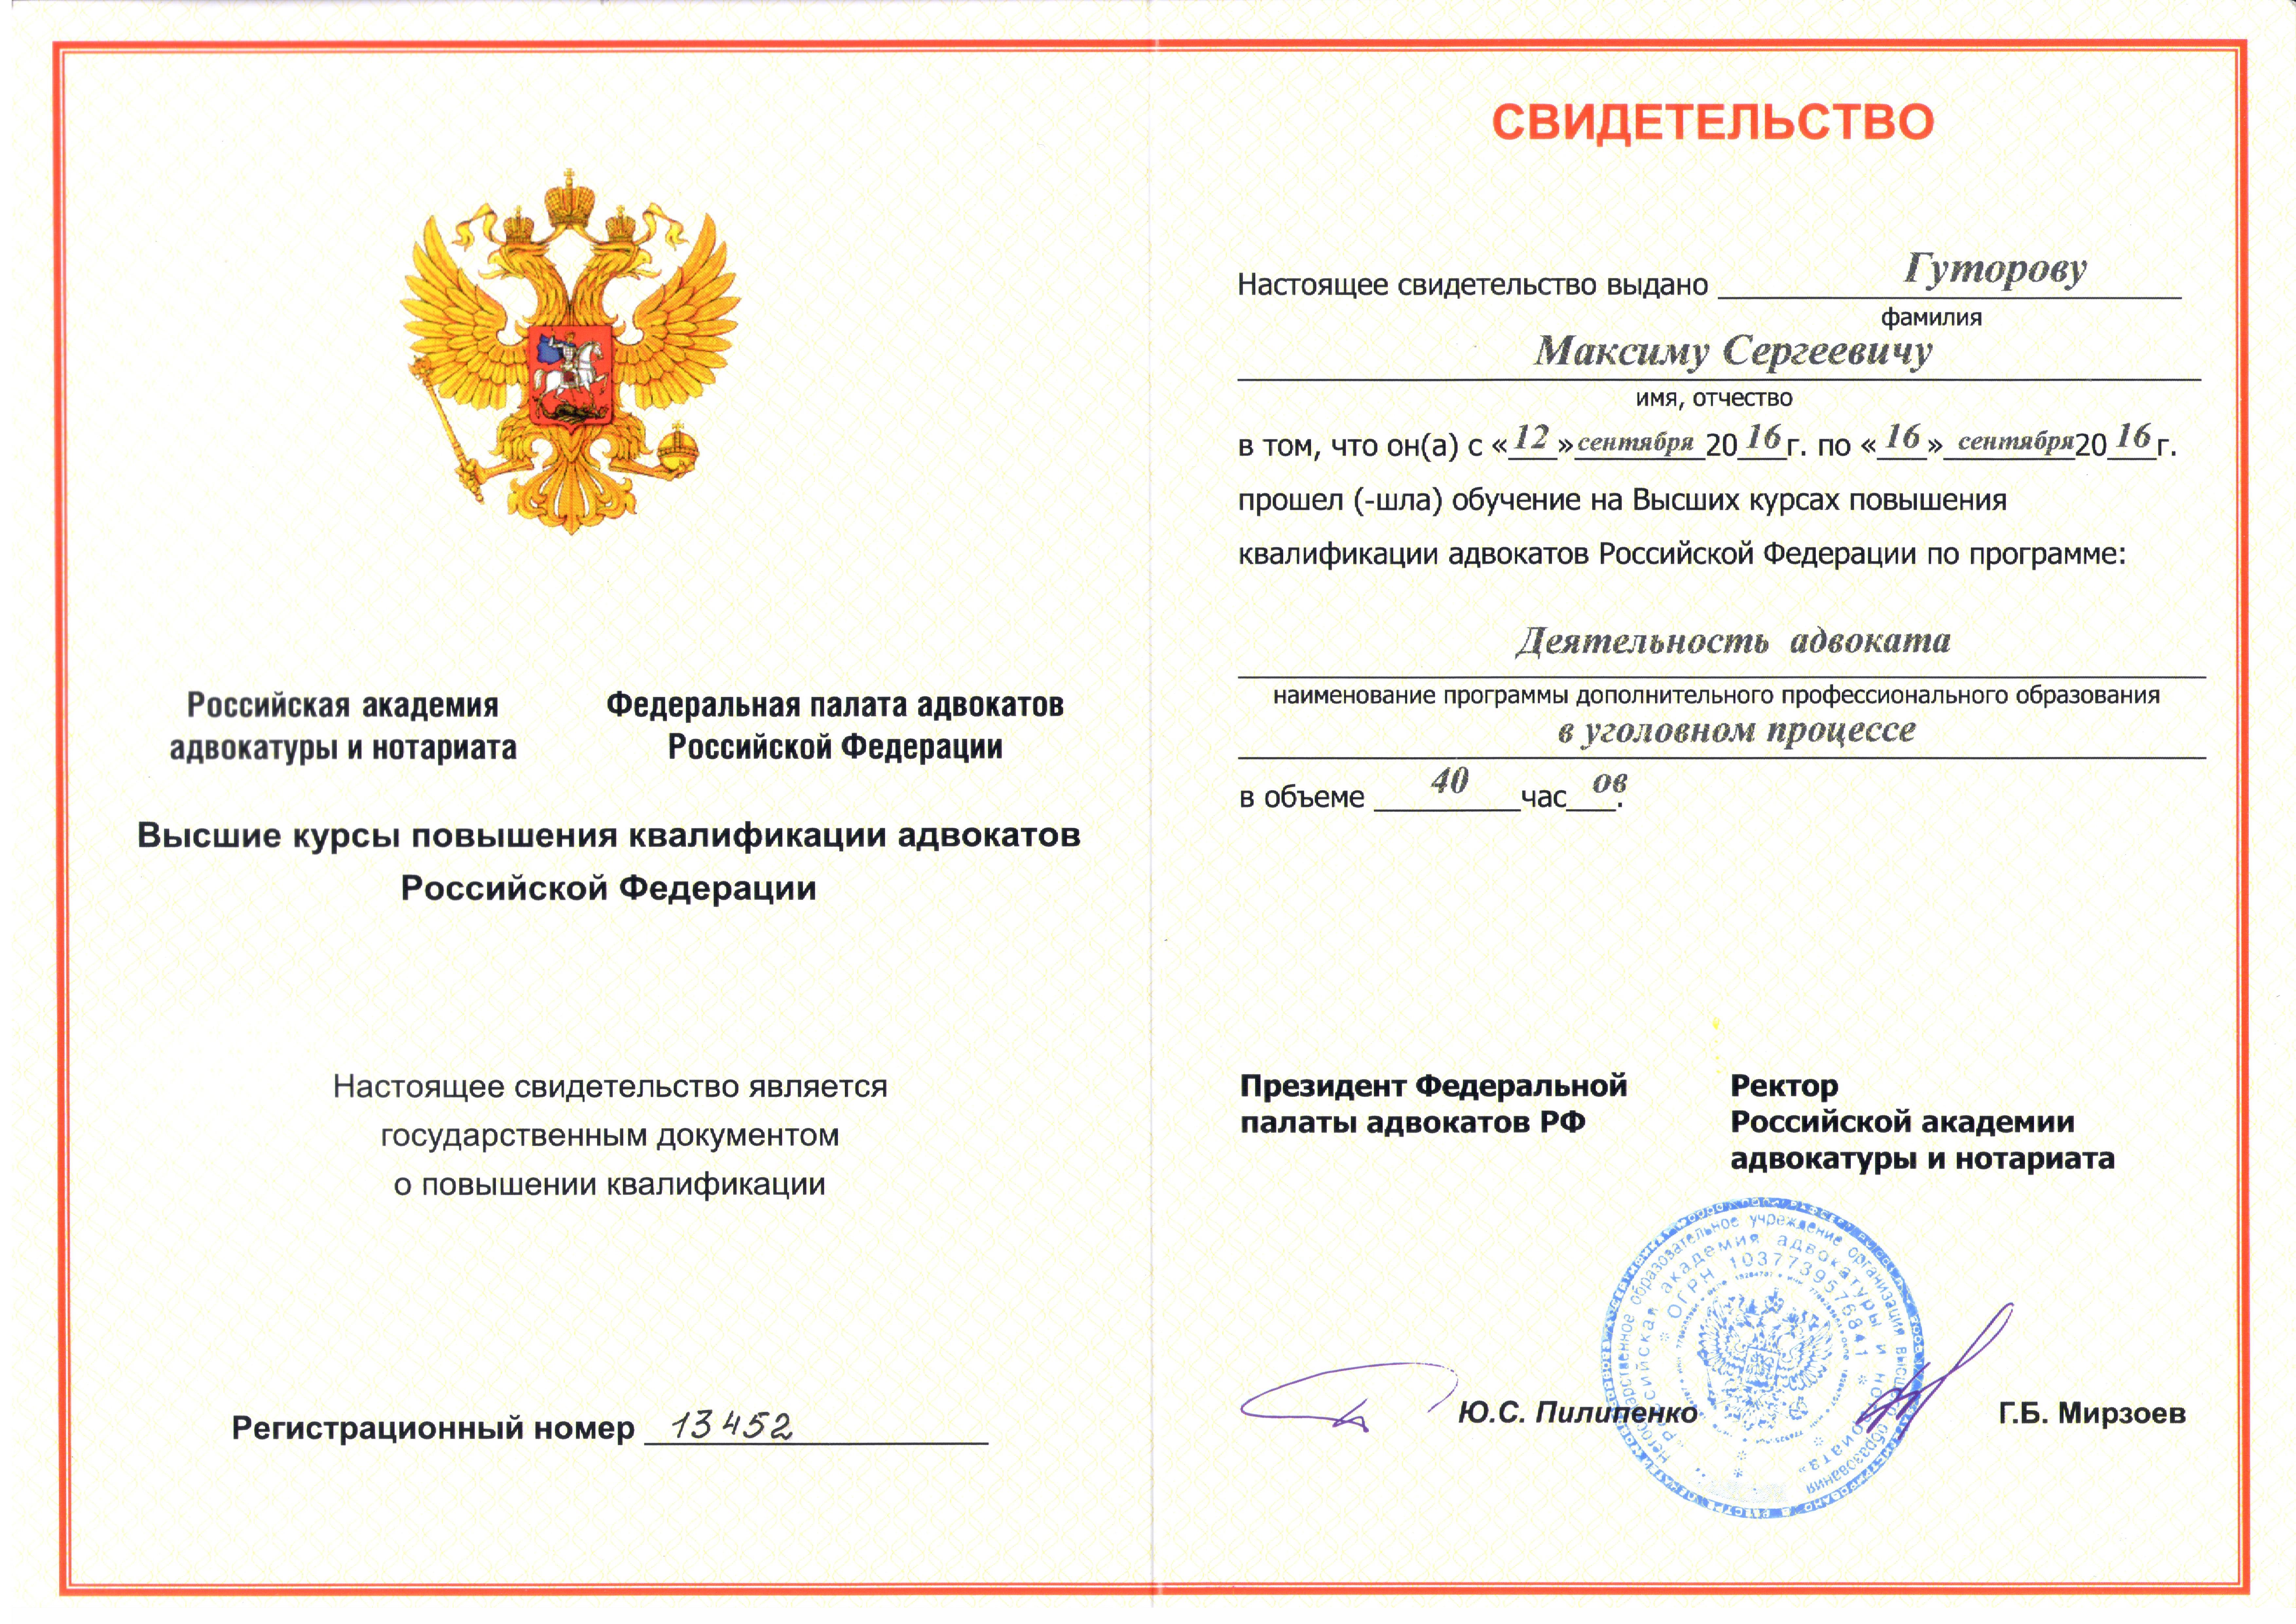 Адвокат Гуторов М.С. - 0004